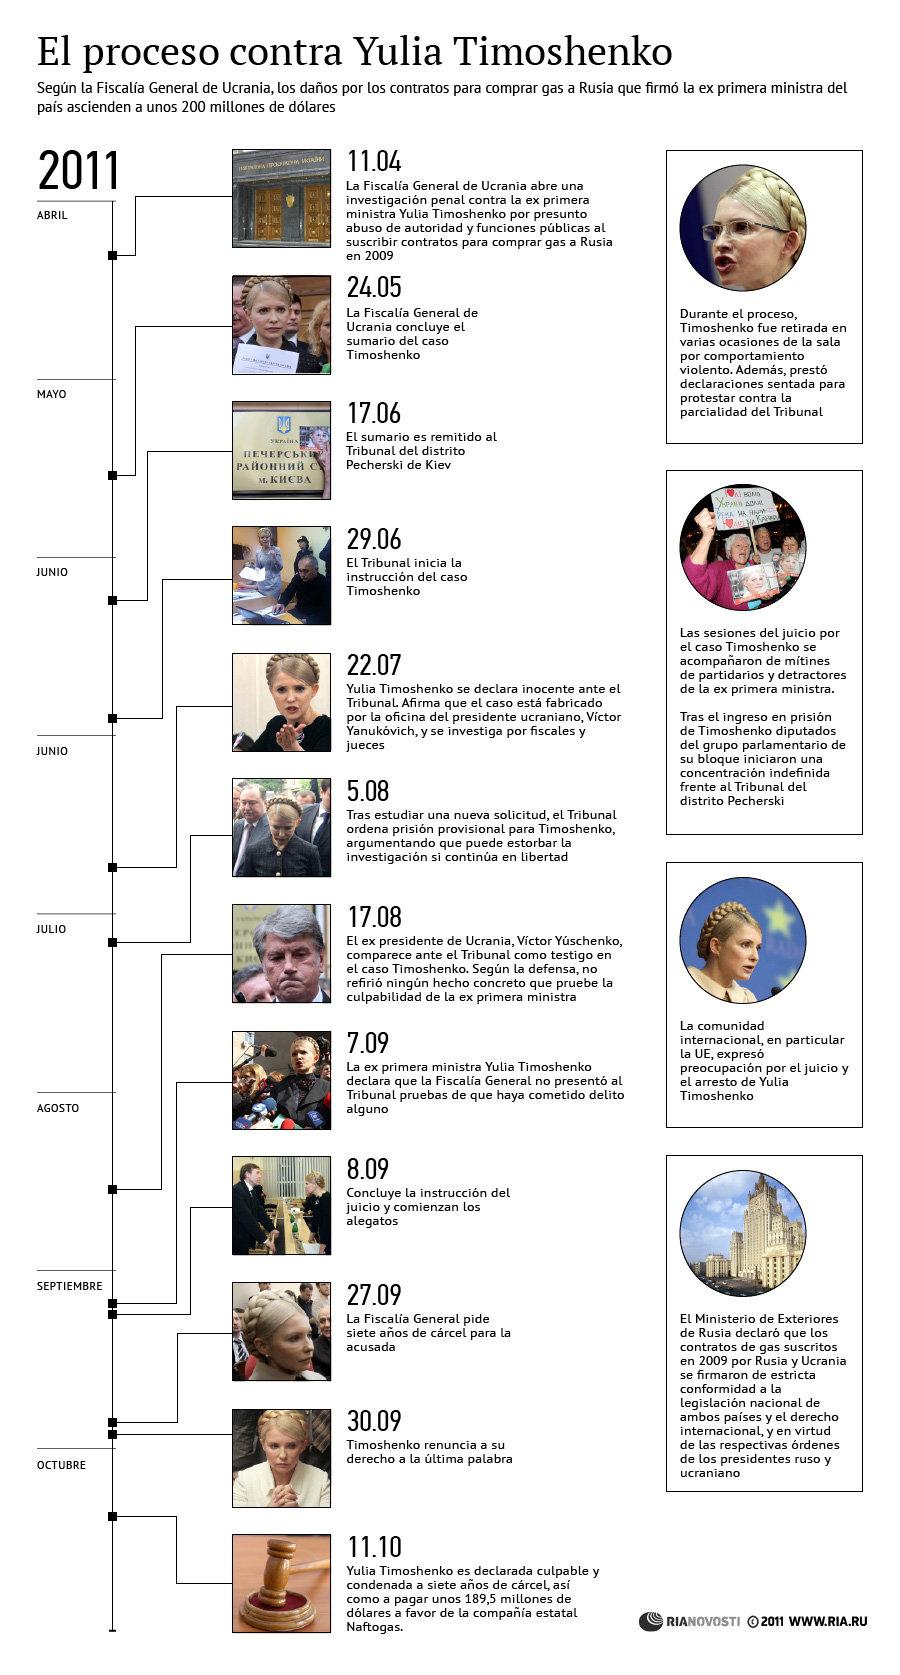 El proceso contra Yulia Timoshenko